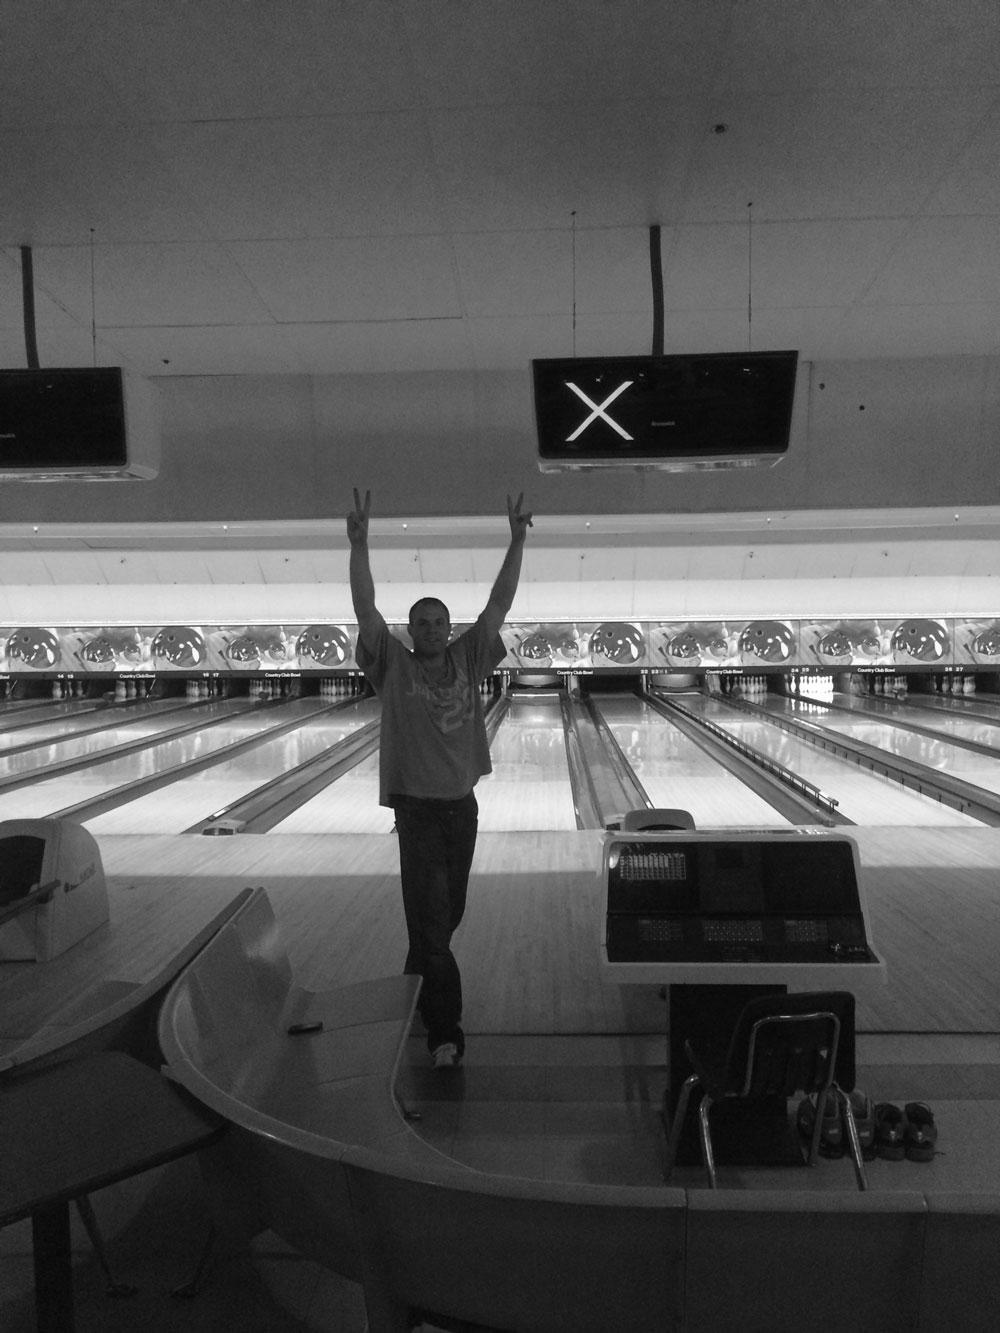 bowling-strike-bw.jpg